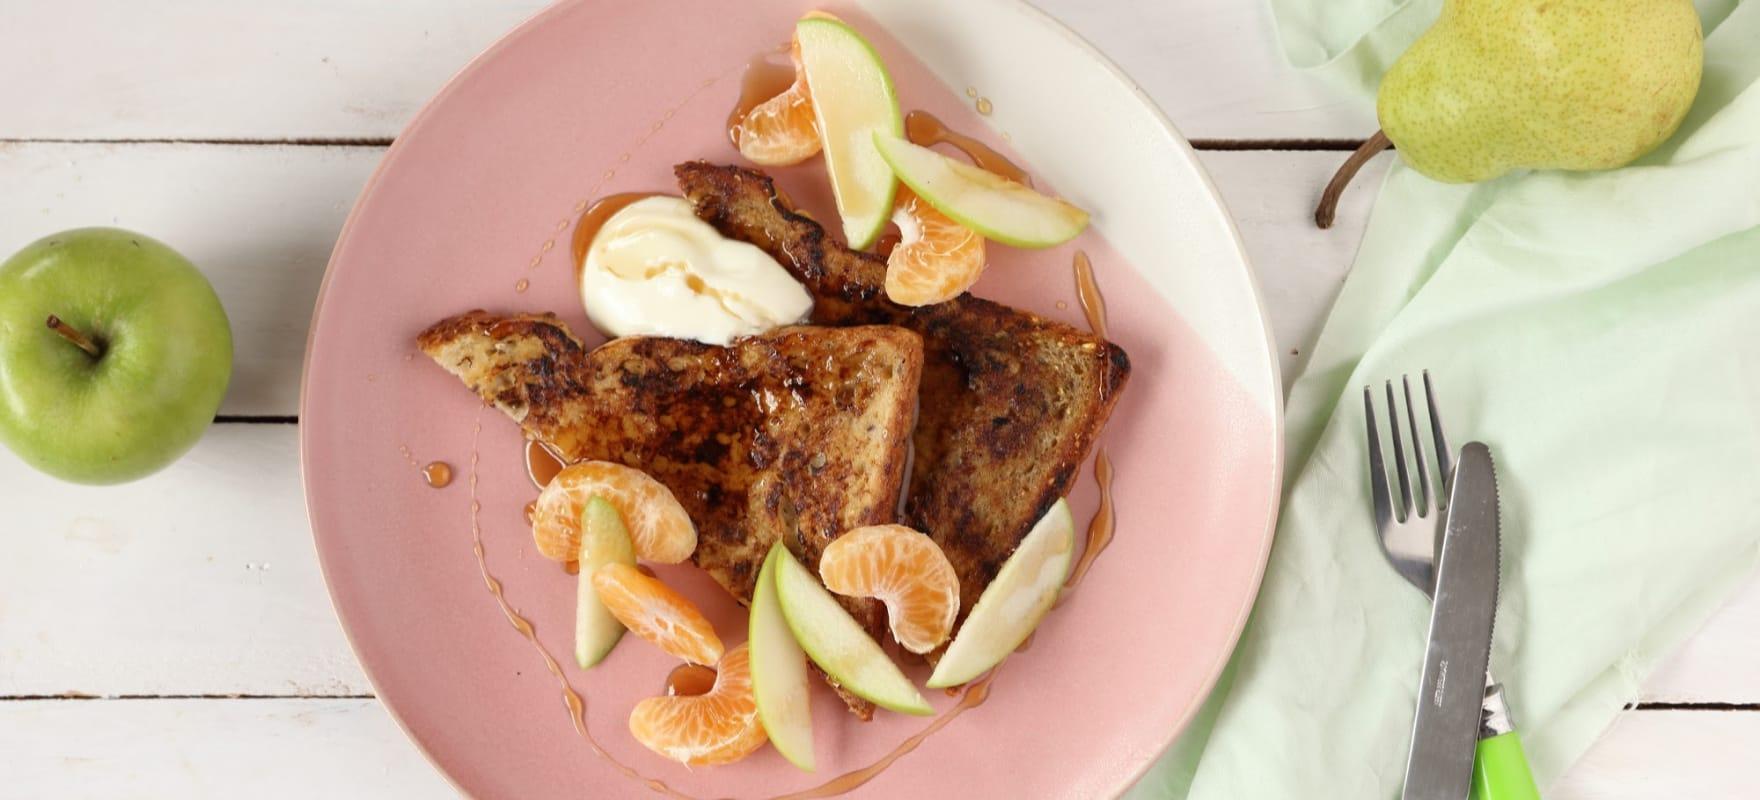 French toast with seasonal fruit image 1